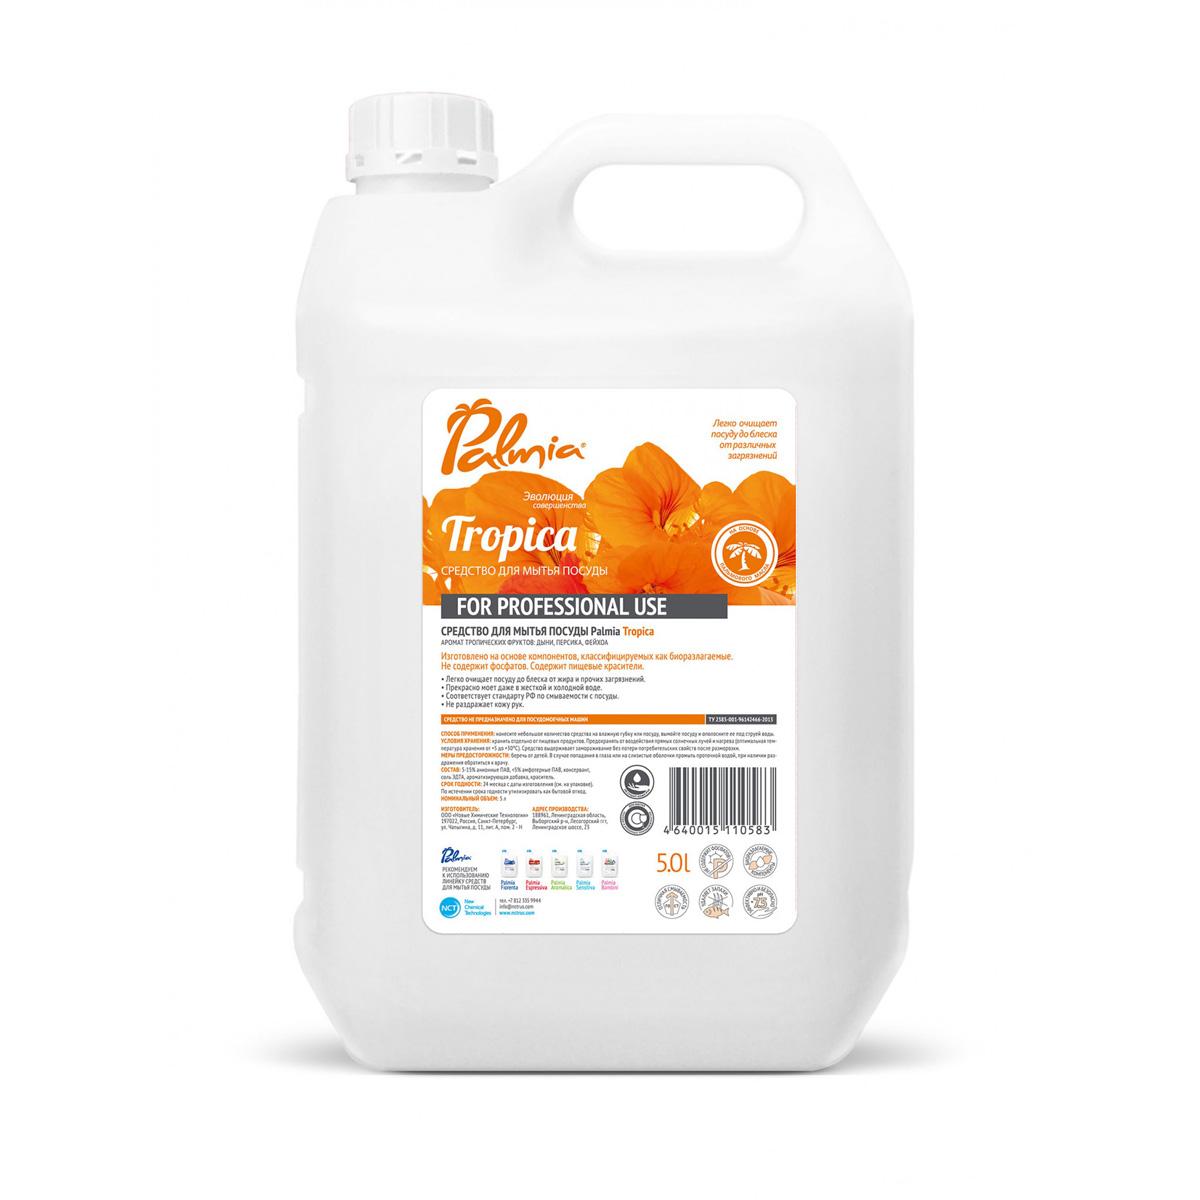 Гель для мытья посуды Palmia Tropica, с ароматом персика, дыни и фейхоа, 5 л4640015110583Гель для мытья посуды c ароматом персиков, дыни и фейхоа. Отлично смывает любые загрязнения, также трудновыводимые запахи. Полностью смывается при ополаскивании. Продукт полностью биоразлагаем.